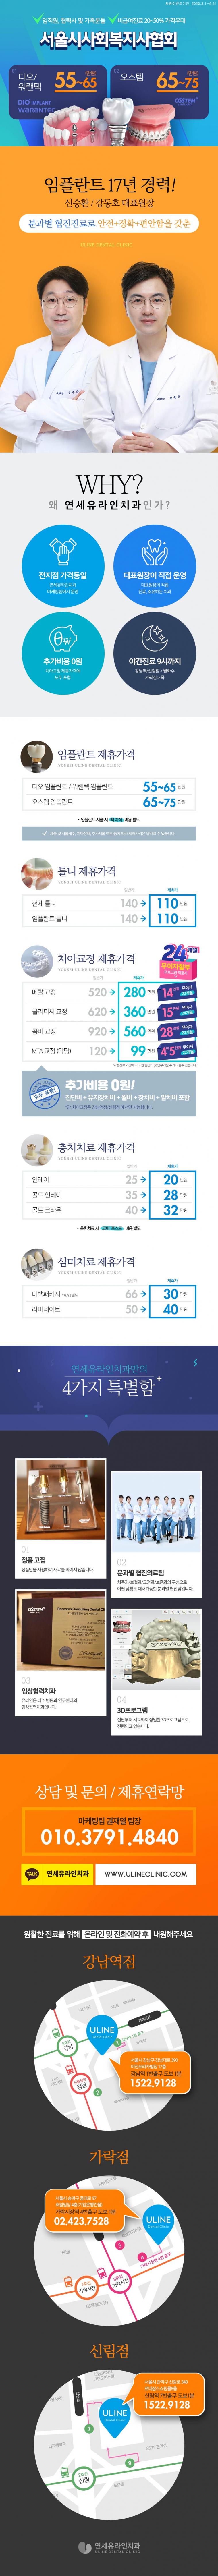 연세유라인치과 제휴 내용(2020.03.03).jpg